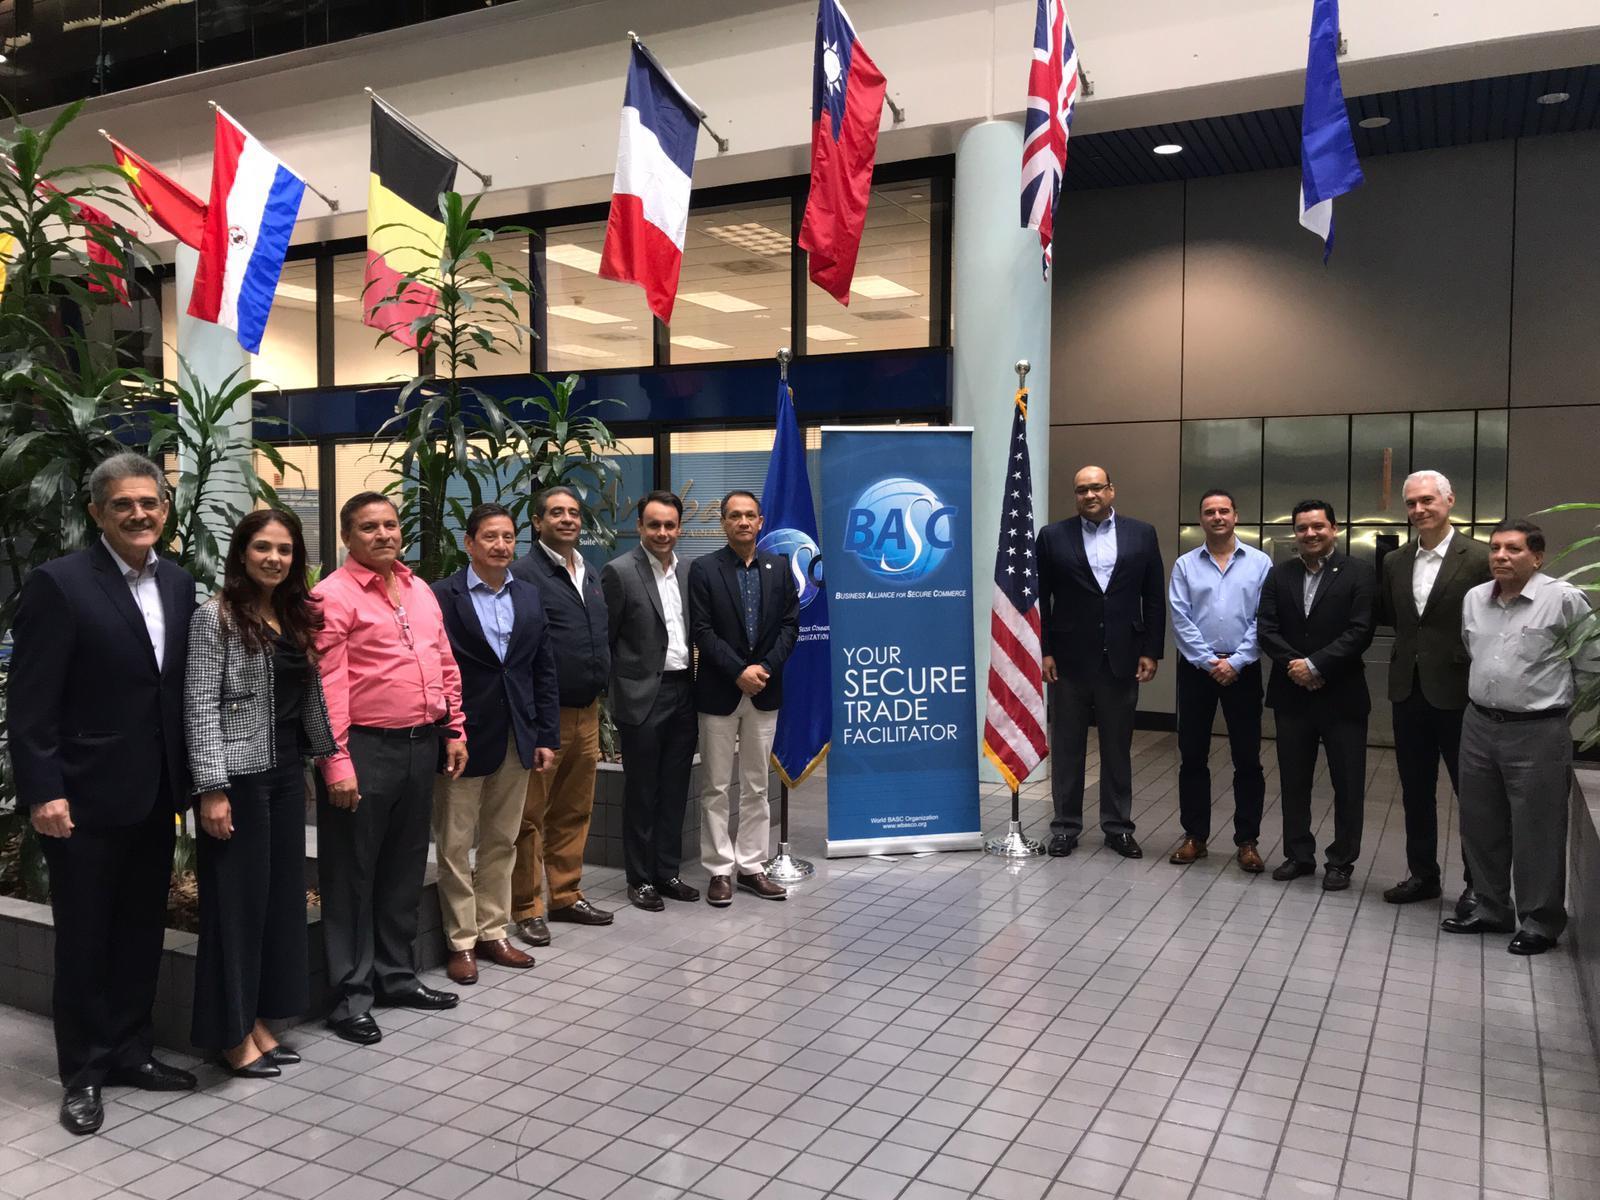 Presidentes de Juntas directivas de BASC Colombia, miembros de la Junta directiva y funcionarios de WBO.